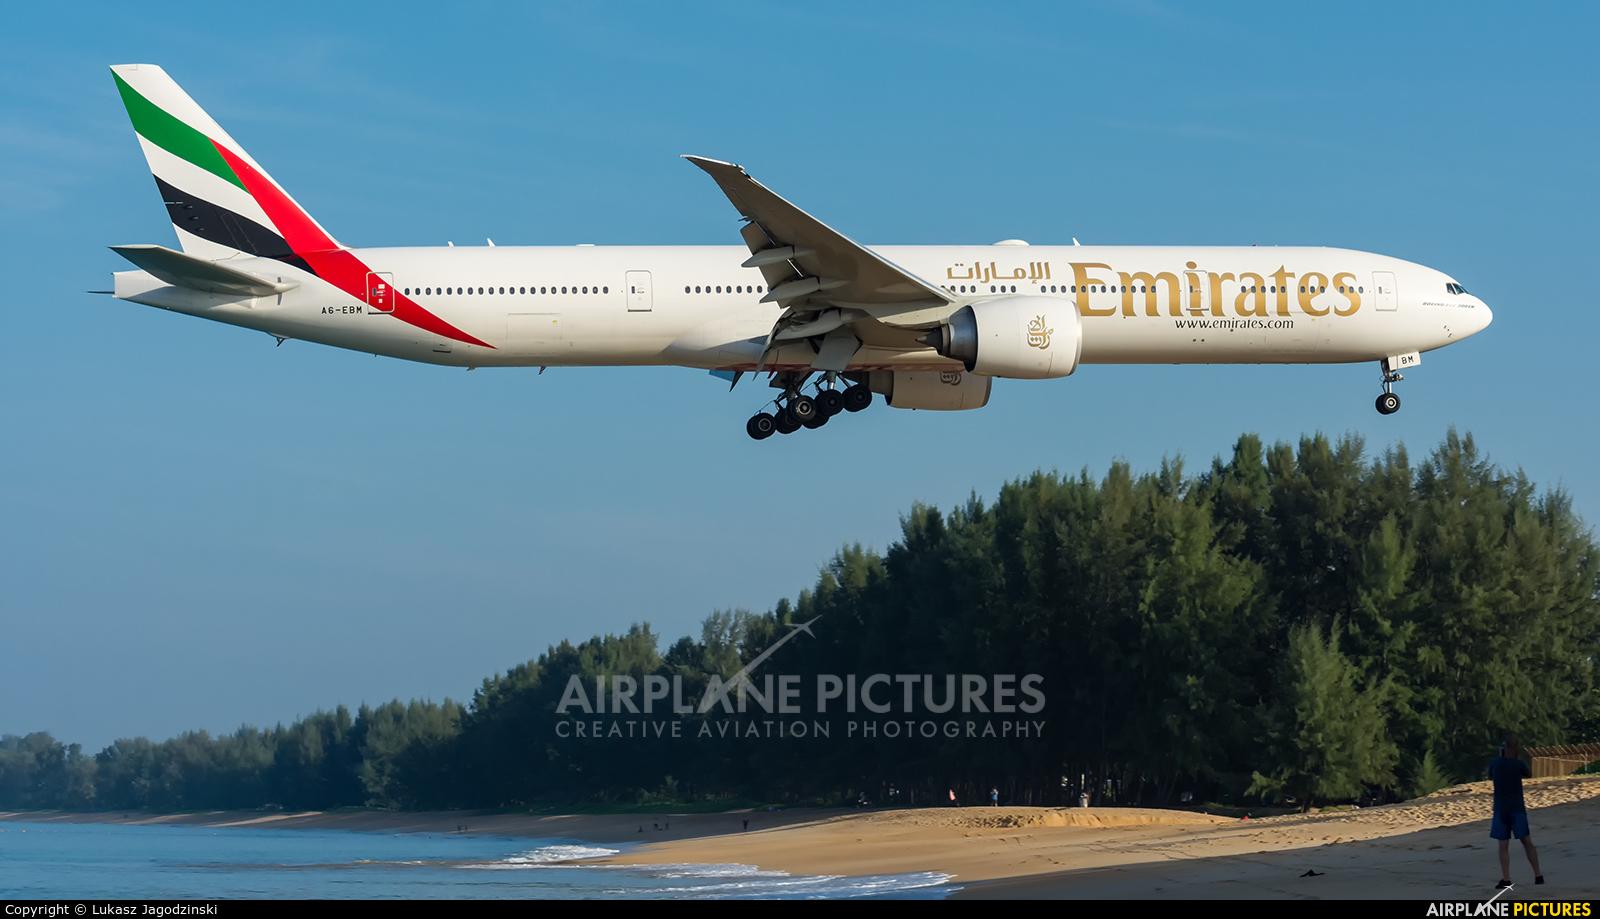 Emirates Airlines A6-EBM aircraft at Phuket